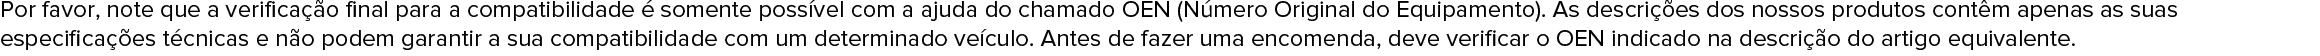 RIDEX 1100696, XM21-6744-AA, 0009830621, 7O0007, 50 21 185 519 Filtro de óleo